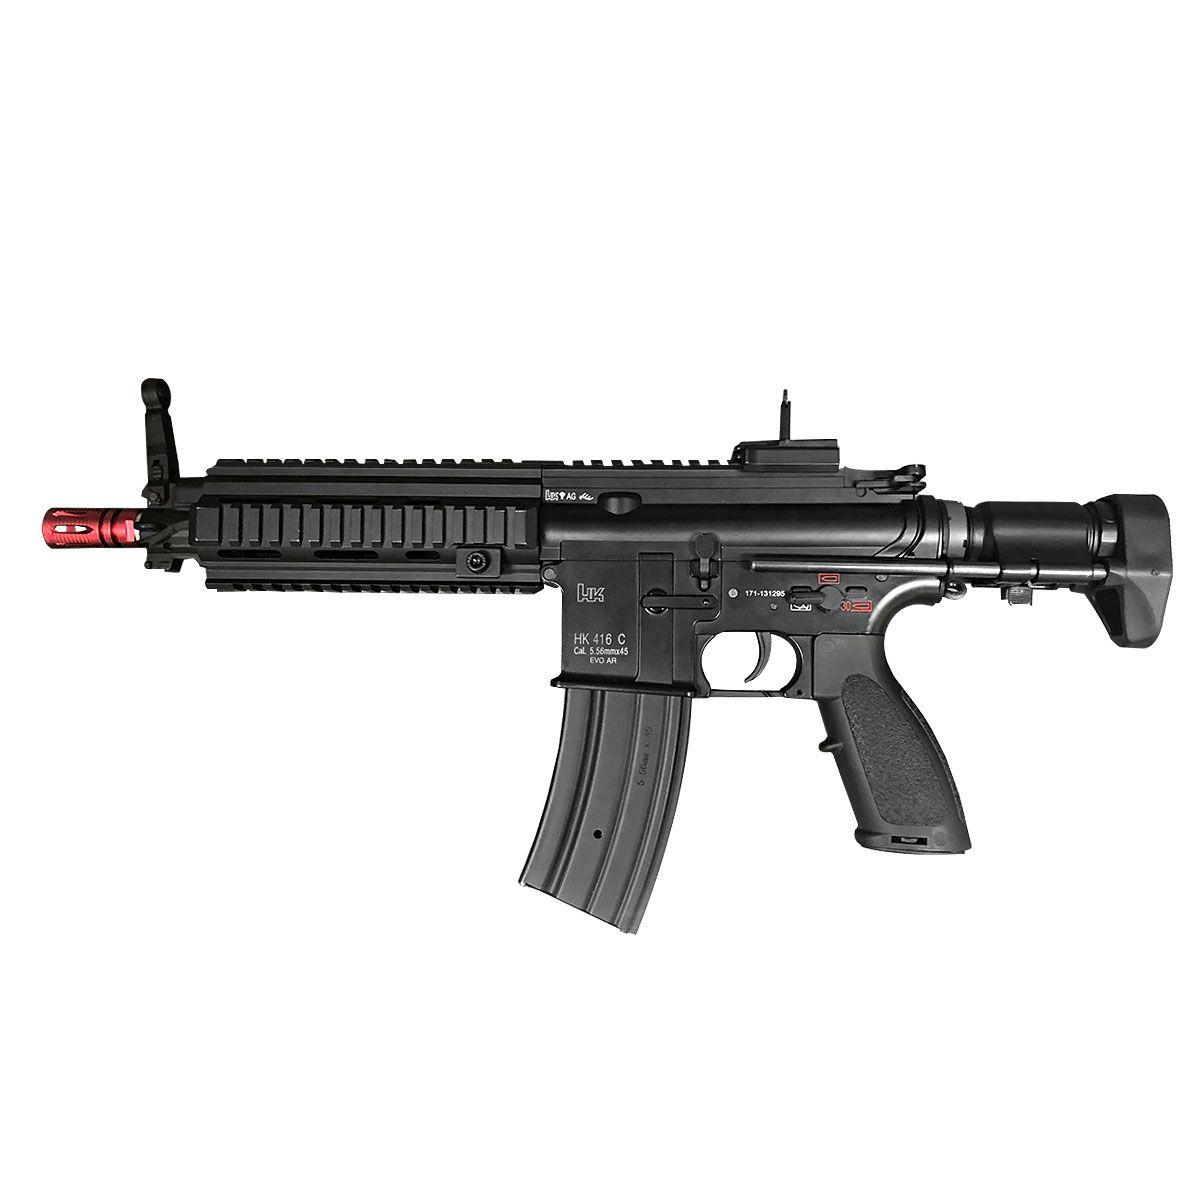 Fuzil de Airsoft Evo HK 416 C 101 Full Metal Elétrico 6mm